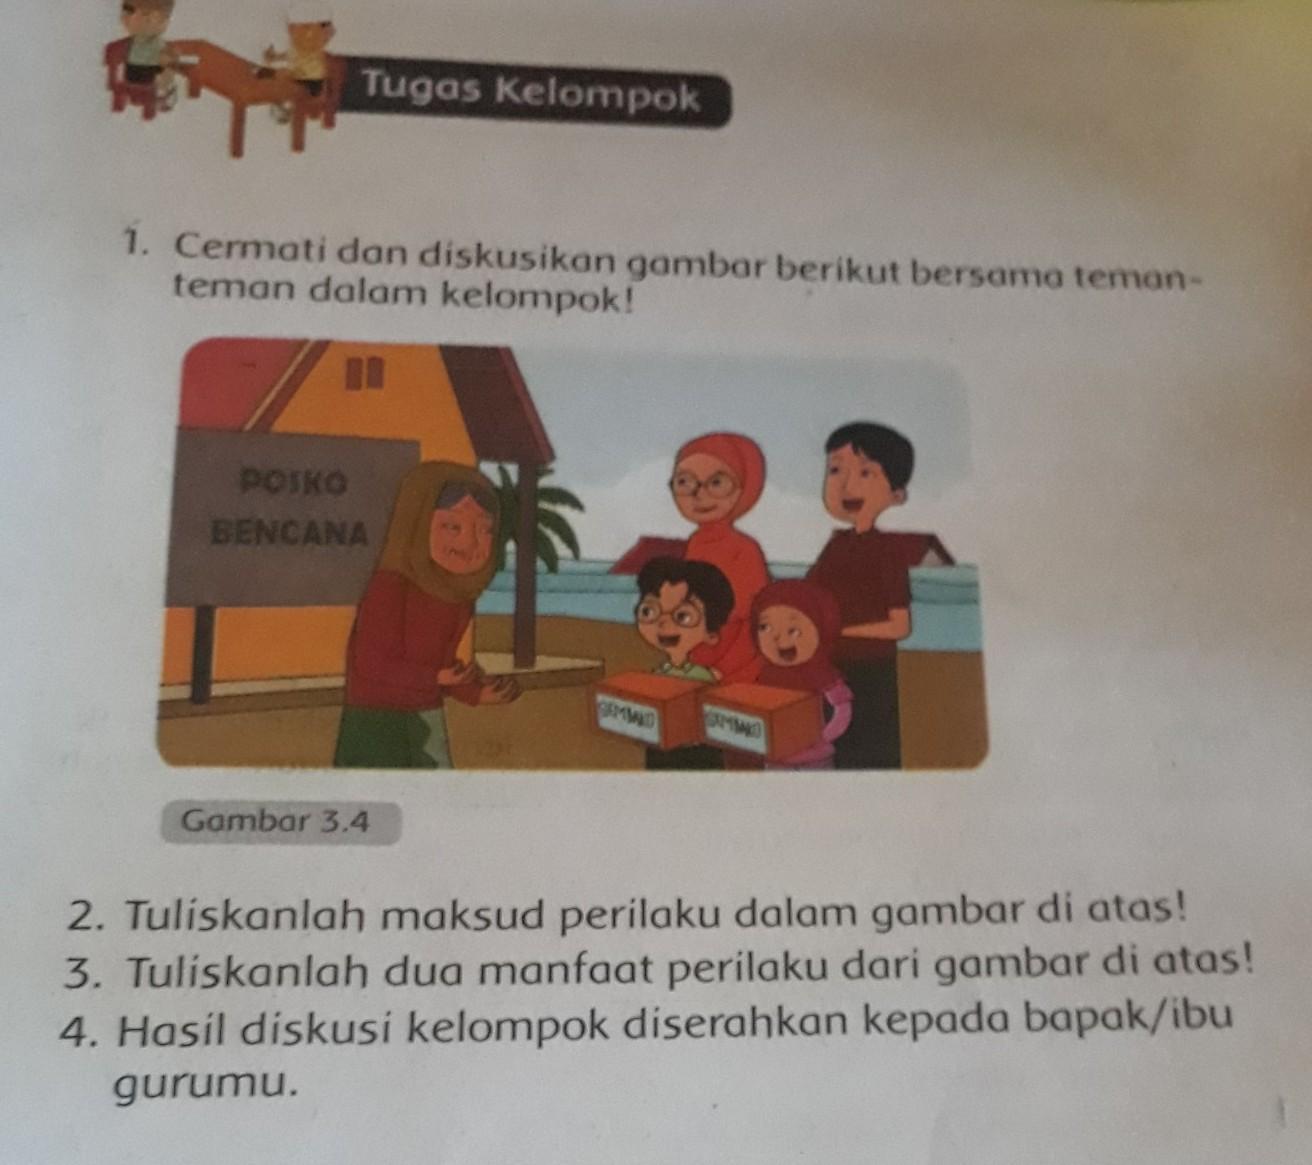 Kunci Jawaban Buku Pendidikan Agama Islam Dan Budi Pekerti Kelas 3 Halaman 37 Brainly Co Id